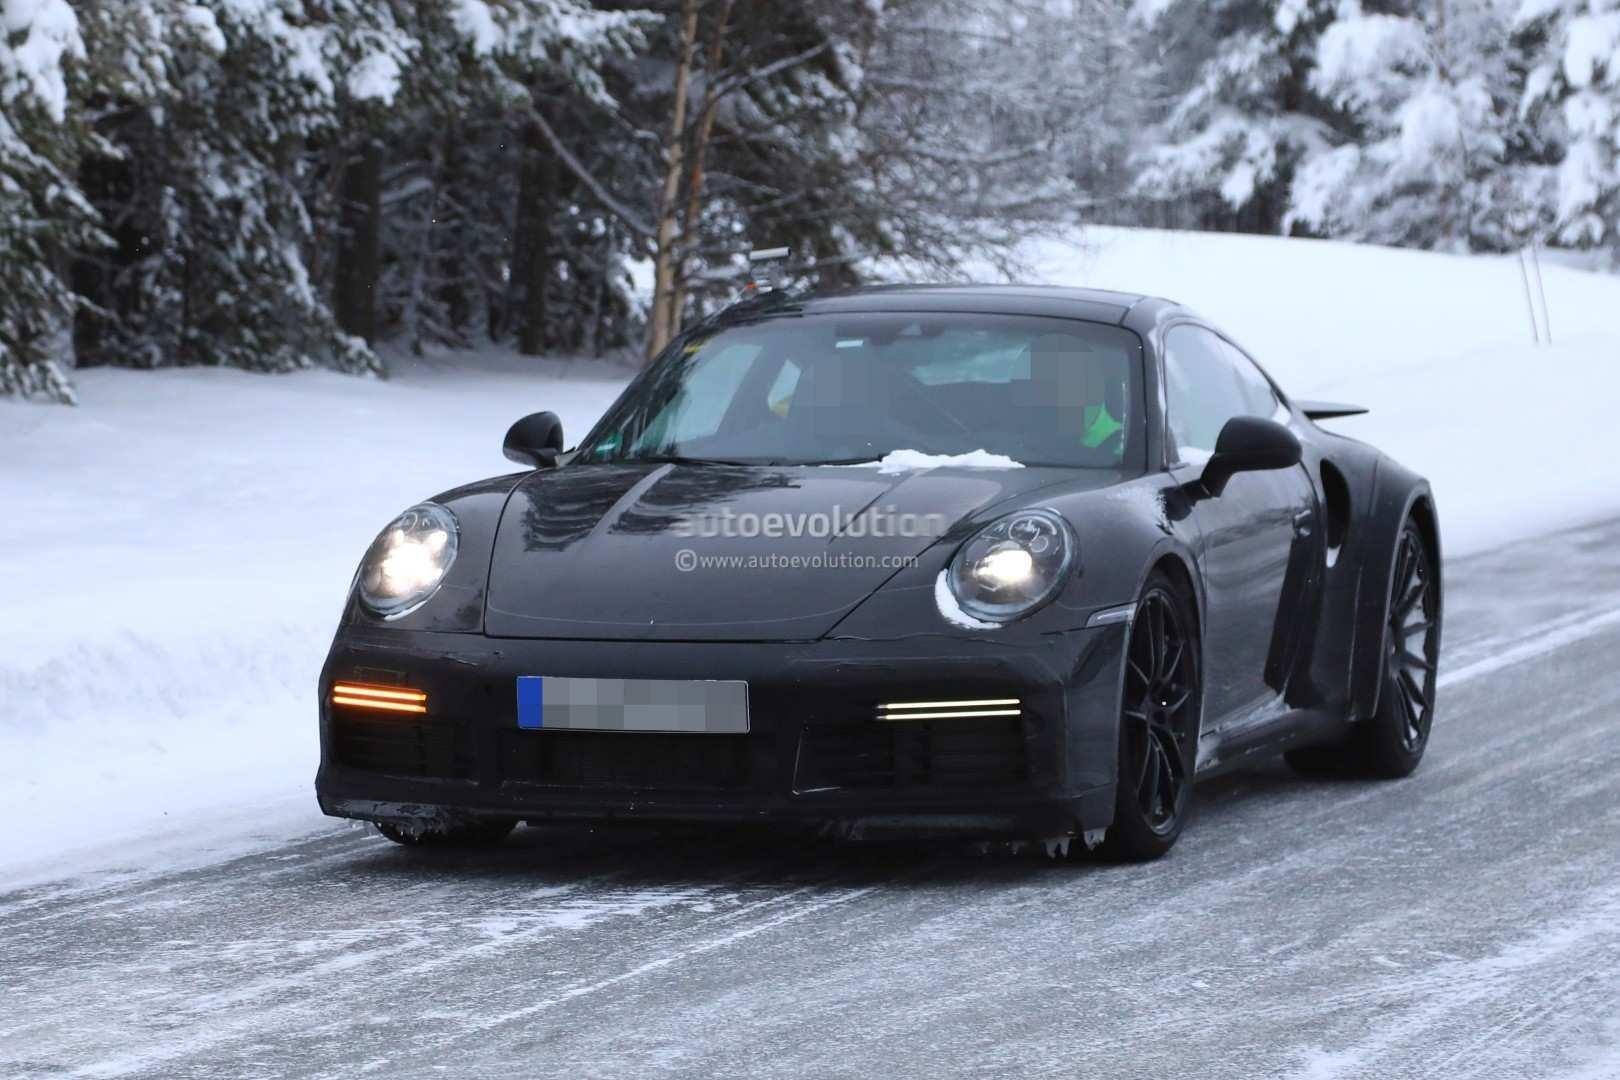 12 New 2020 Porsche Turbo S Wallpaper for 2020 Porsche Turbo S